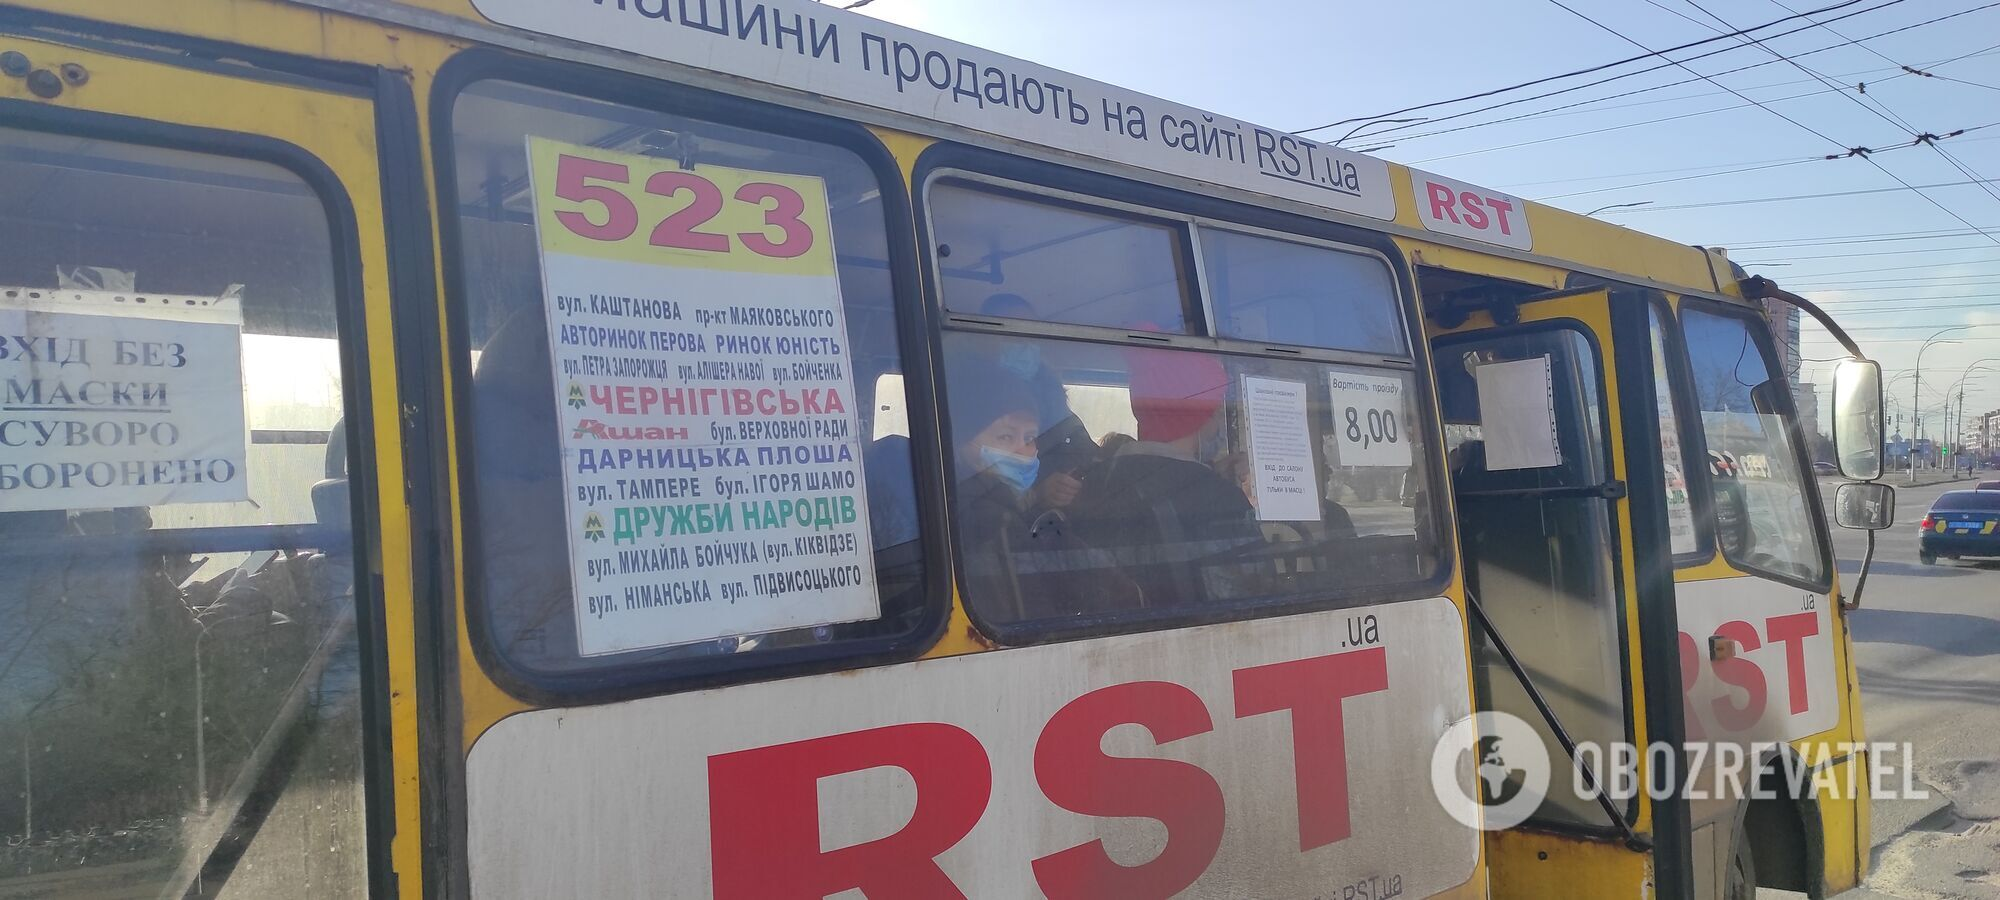 У деяких маршрутках водії не пускають стоячих пасажирів